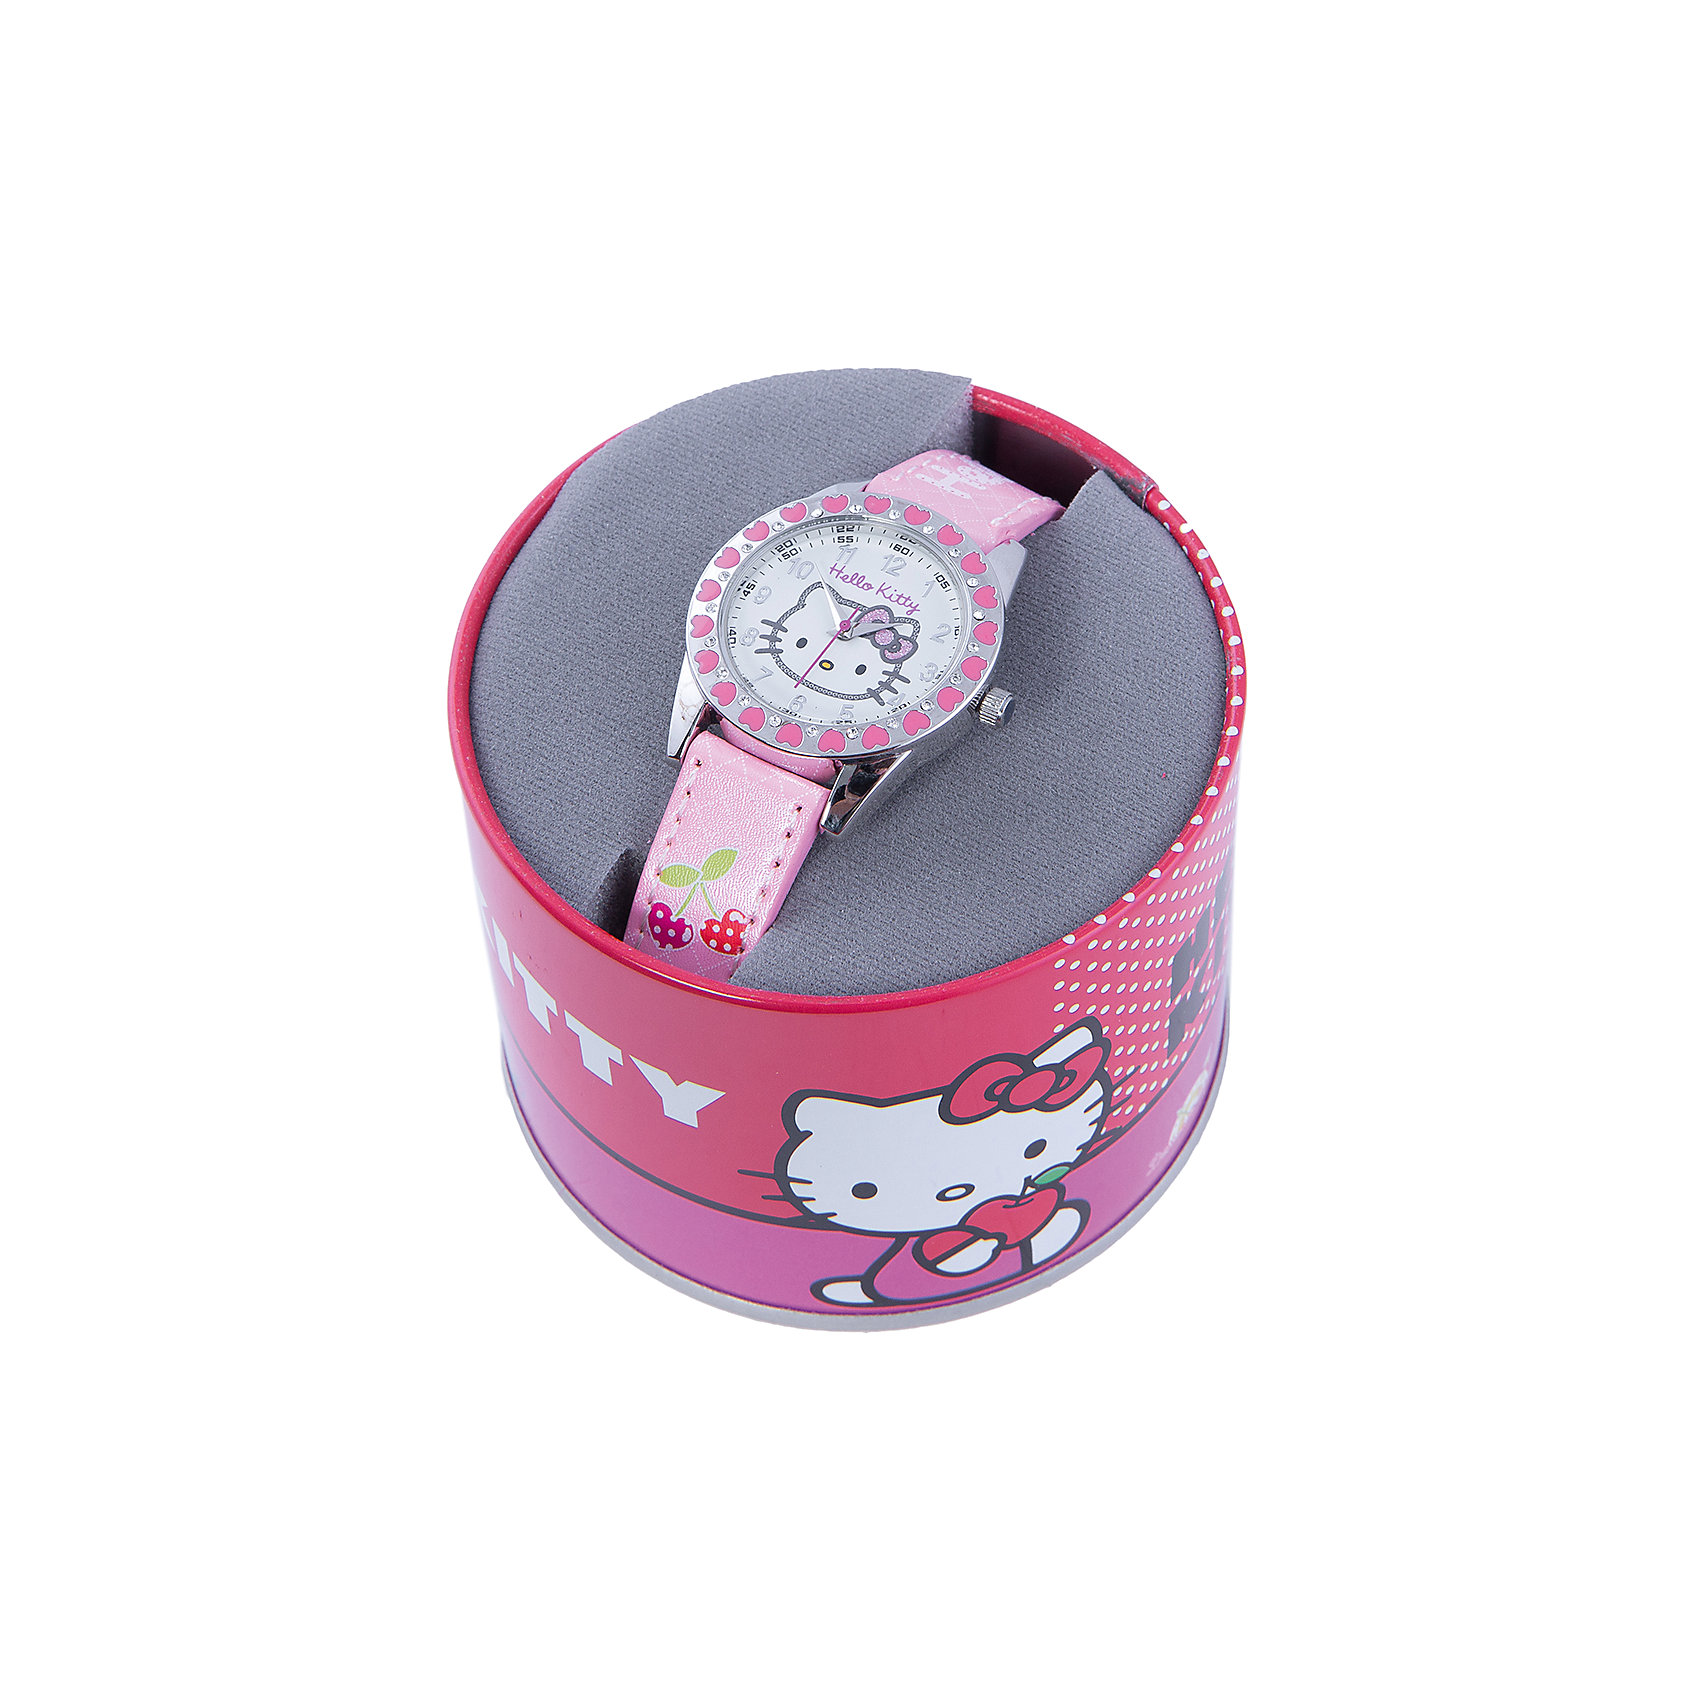 Часы наручные аналоговые, Hello KittyАксессуары<br>Эксклюзивные наручные аналоговые часы торговой марки Hello Kitty выполнены по индивидуальному дизайну ООО «Детское Время» и лицензии компании Sanrio. Обилие деталей - декоративных элементов (страз, мерцающих ремешков), надписей,  уникальных изображений - делают изделие тщательно продуманным творением мастеров. Часы имеют высококачественный японский кварцевый механизм и отличаются надежностью и точностью хода. Часы водоустойчивы и обладают достаточной герметичностью, чтобы спокойно перенести случайный и незначительный контакт с жидкостями (дождь, брызги), но они не предназначены для плавания или погружения в воду. Циферблат защищен от повреждений прочным минеральным стеклом. Корпус часов выполнен из стали,  задняя крышка из нержавеющей стали. Материал браслета: искусственная кожа. Единица товара упаковывается в стильную подарочную коробочку. Неповторимый стиль с изобилием насыщенных и в тоже время нежных гамм; надежность и прочность изделия позволяют говорить о нем только в превосходной степени!<br><br>Ширина мм: 170<br>Глубина мм: 157<br>Высота мм: 67<br>Вес г: 117<br>Возраст от месяцев: 36<br>Возраст до месяцев: 2147483647<br>Пол: Женский<br>Возраст: Детский<br>SKU: 4424069